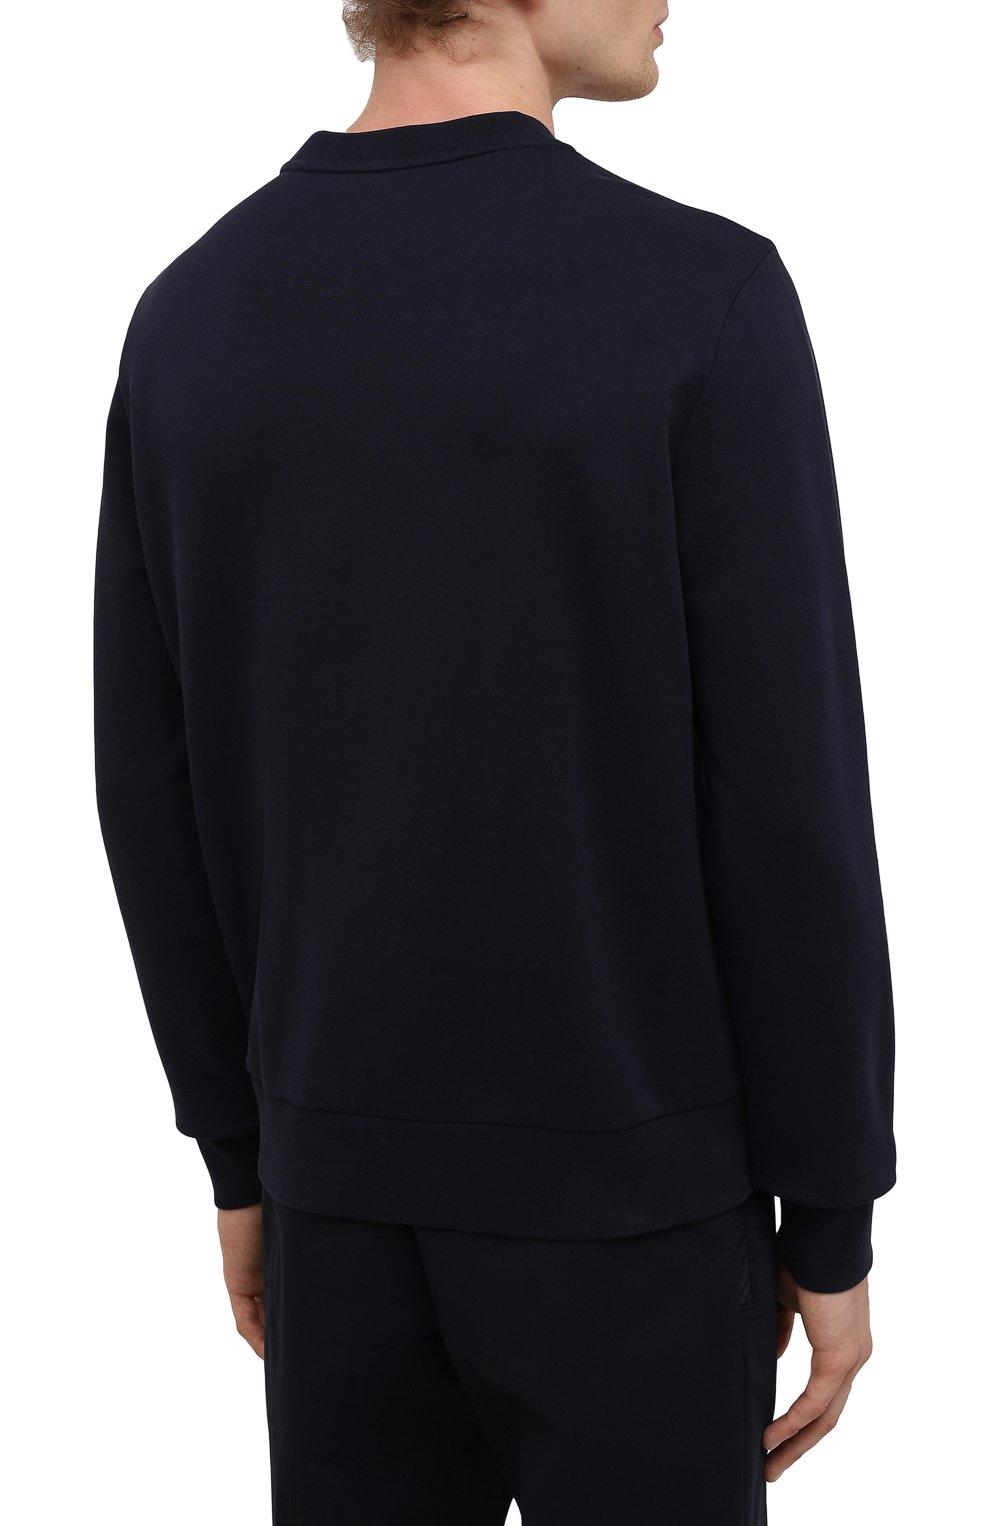 Мужской хлопковый свитшот MONCLER темно-синего цвета, арт. G2-091-8G000-23-809KR | Фото 4 (Рукава: Длинные; Длина (для топов): Стандартные; Принт: С принтом; Мужское Кросс-КТ: свитшот-одежда; Материал внешний: Хлопок; Стили: Кэжуэл)